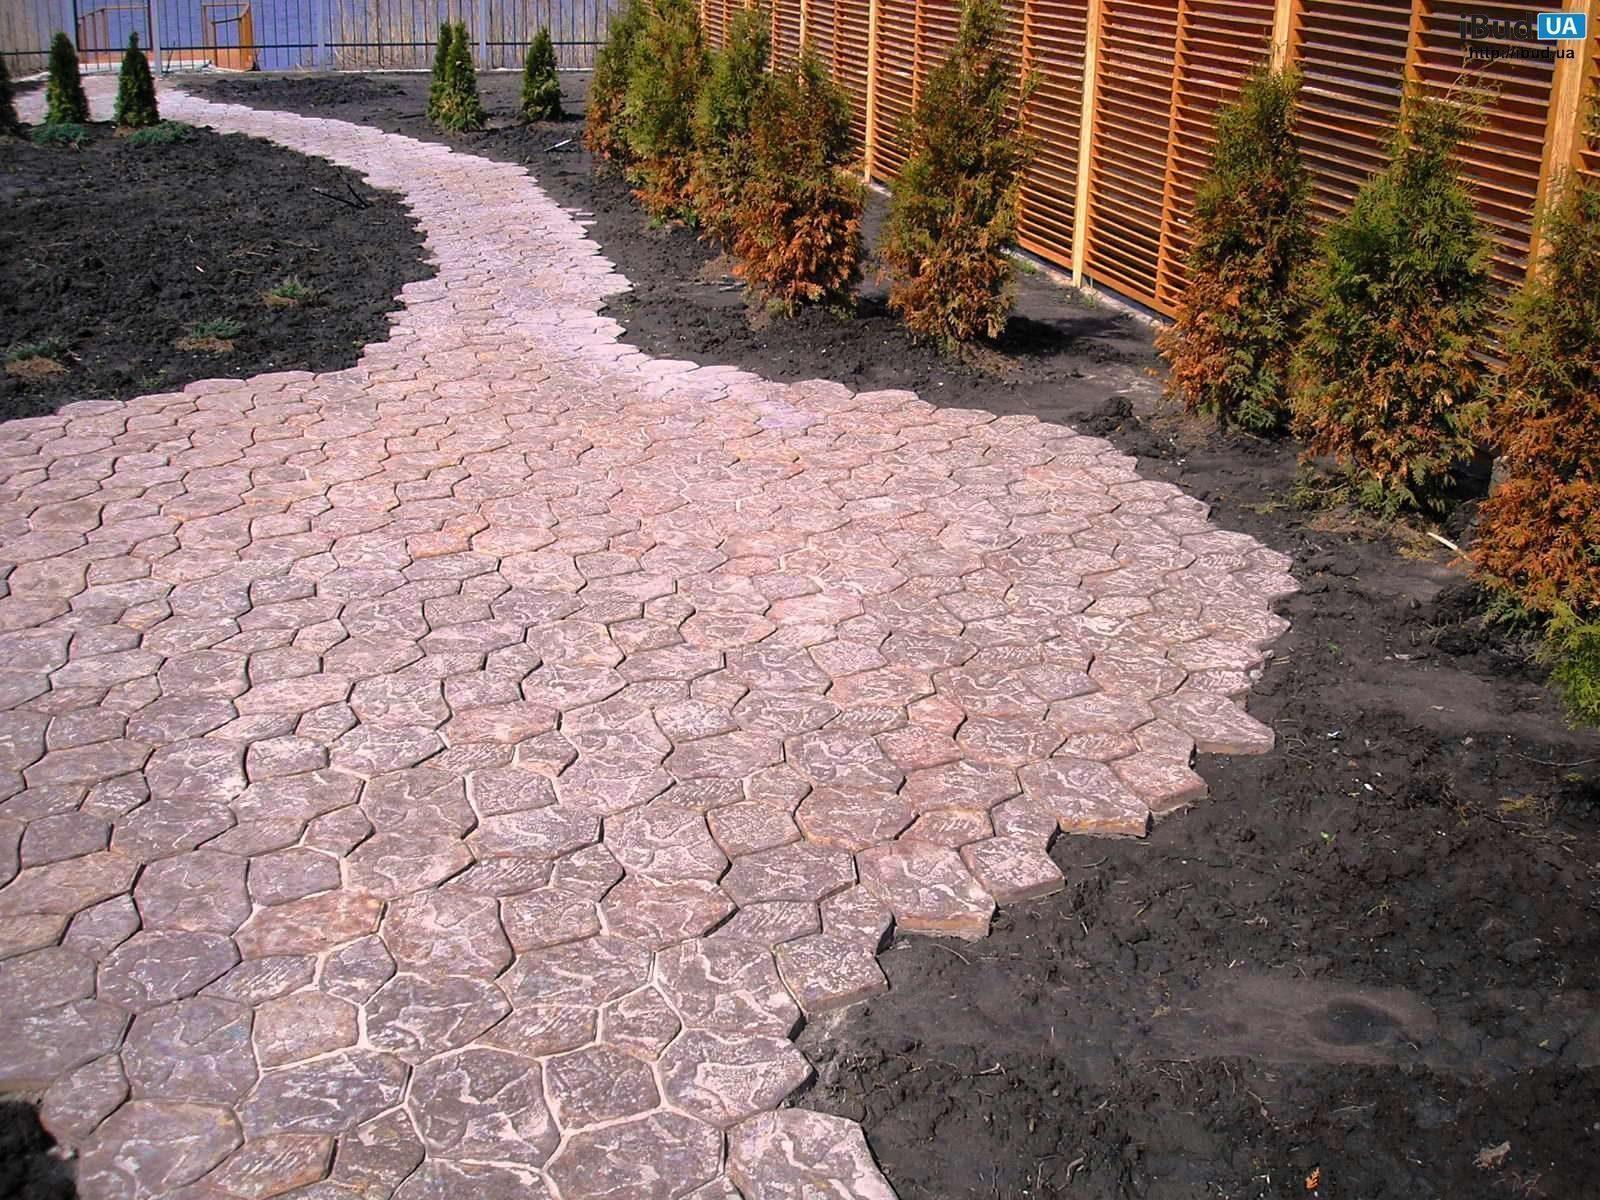 Садовые дорожки своими руками: простые и экономные способы 57